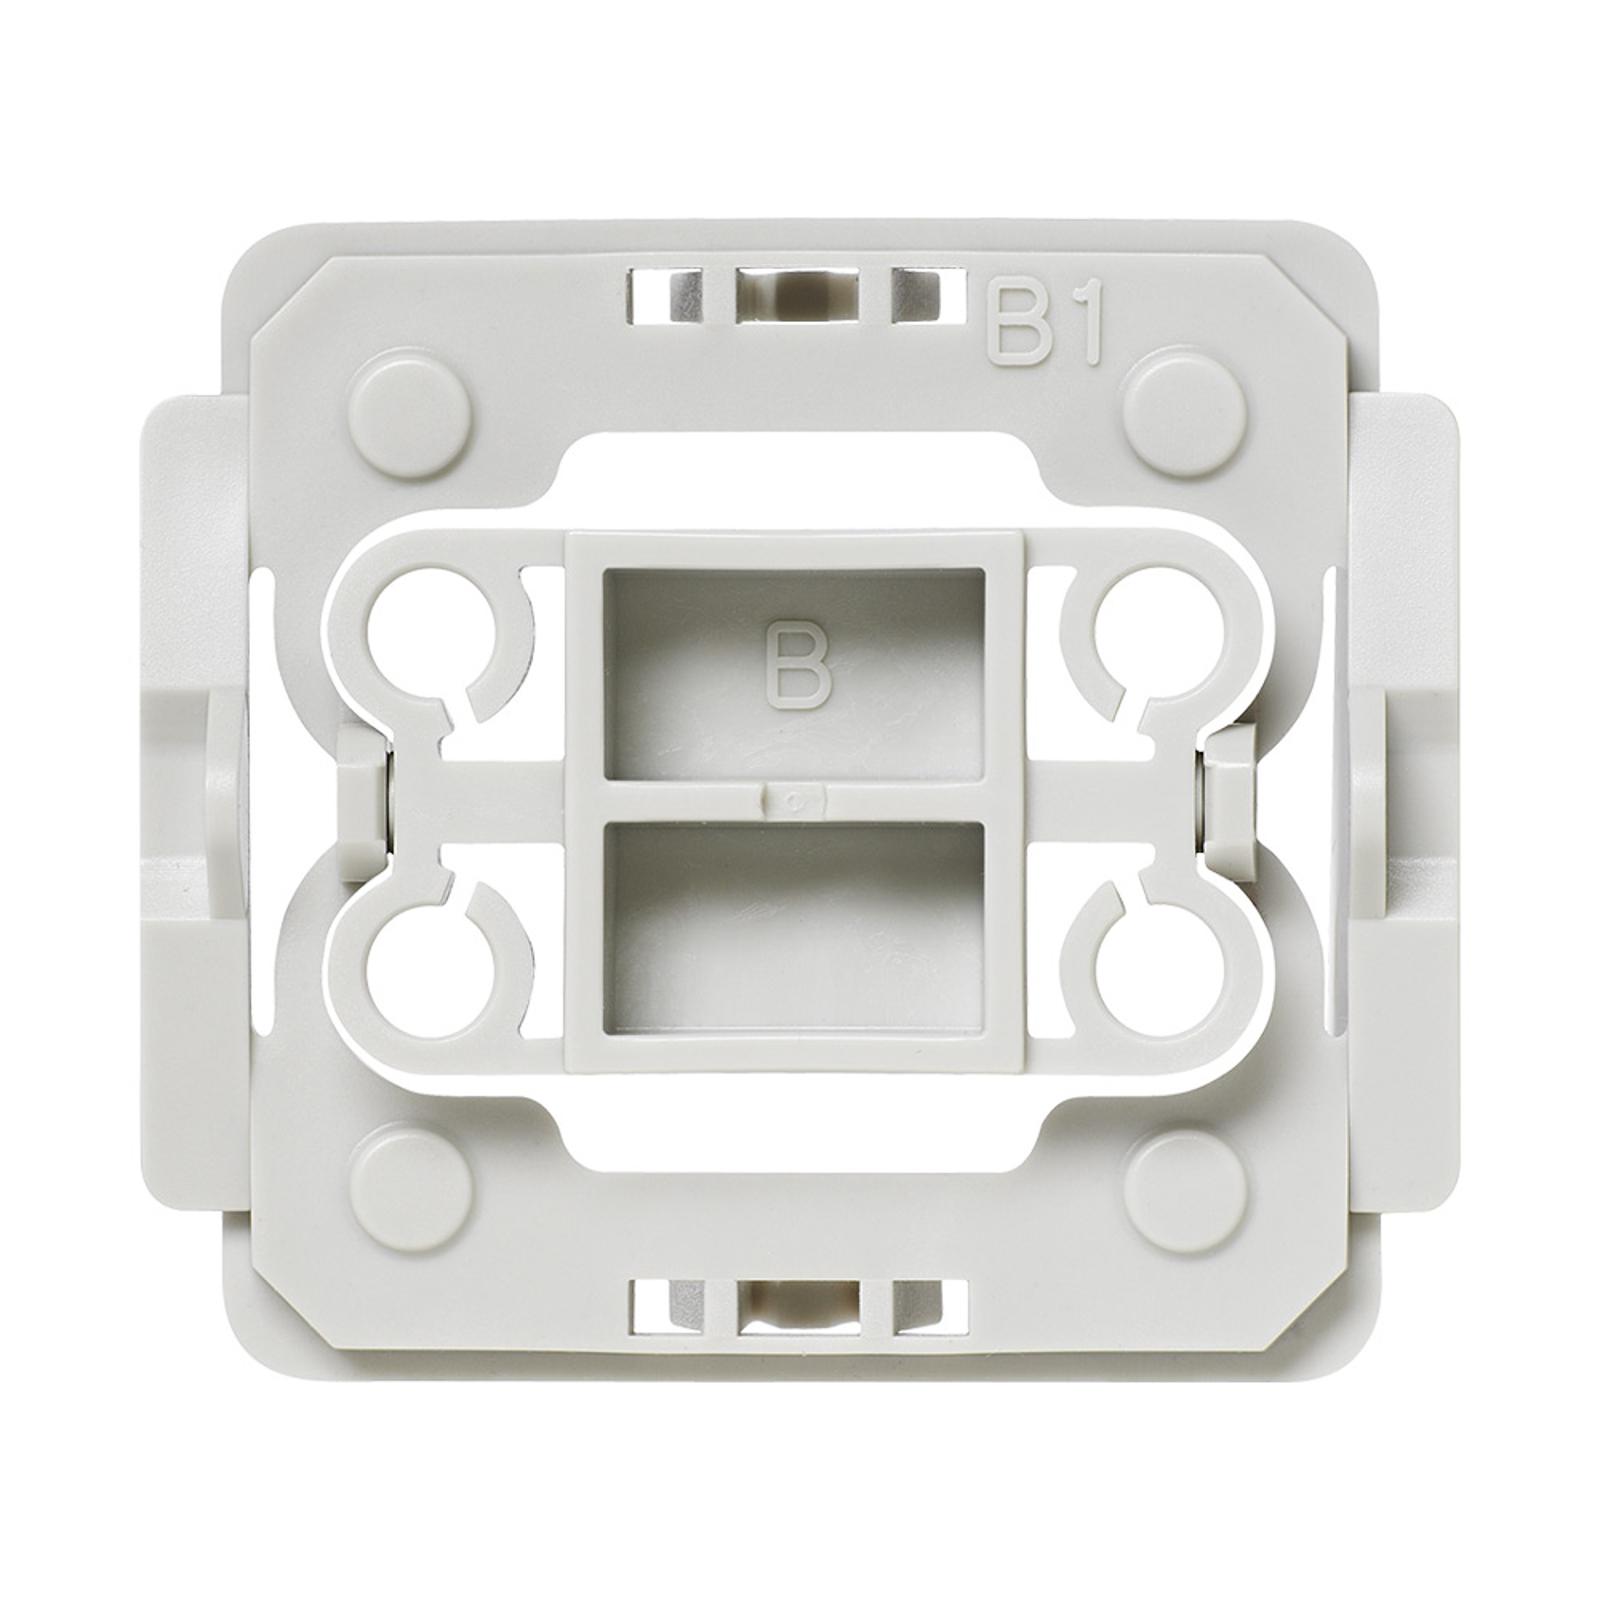 Homematic IP adapter voor Berker schakelaar B1 20x